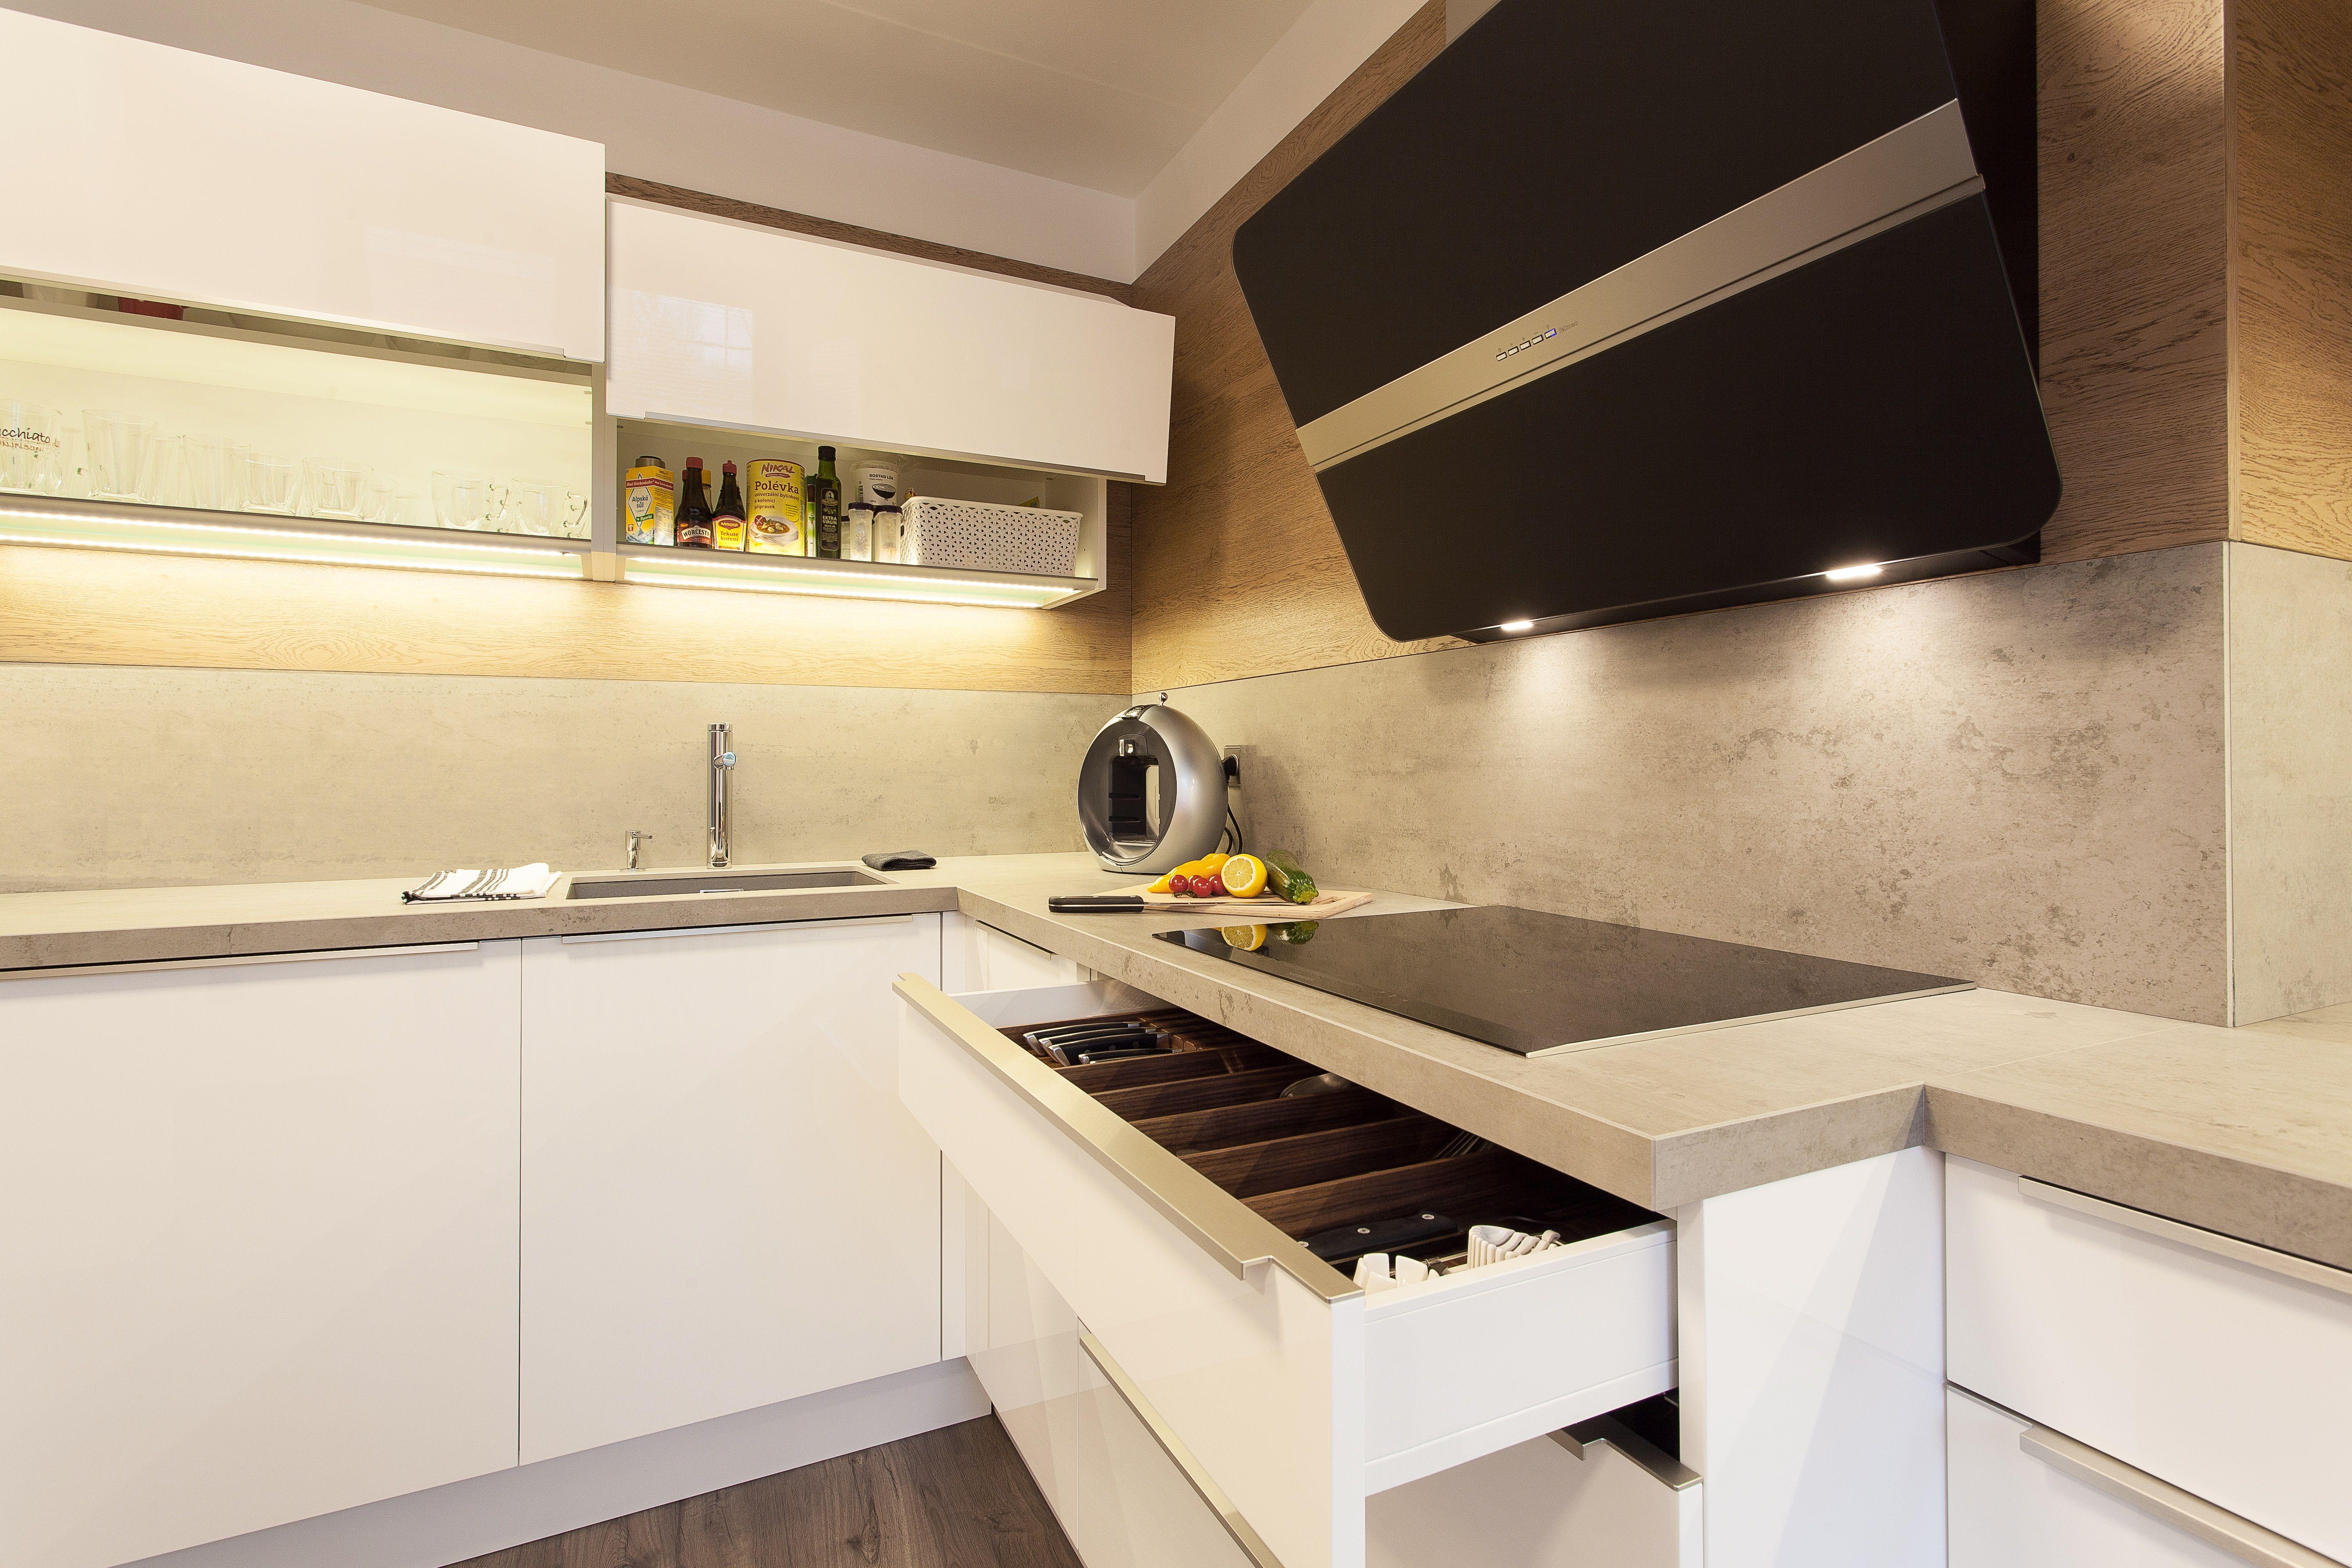 Hans Krug Kitchen Organization European Designs Cabinetry